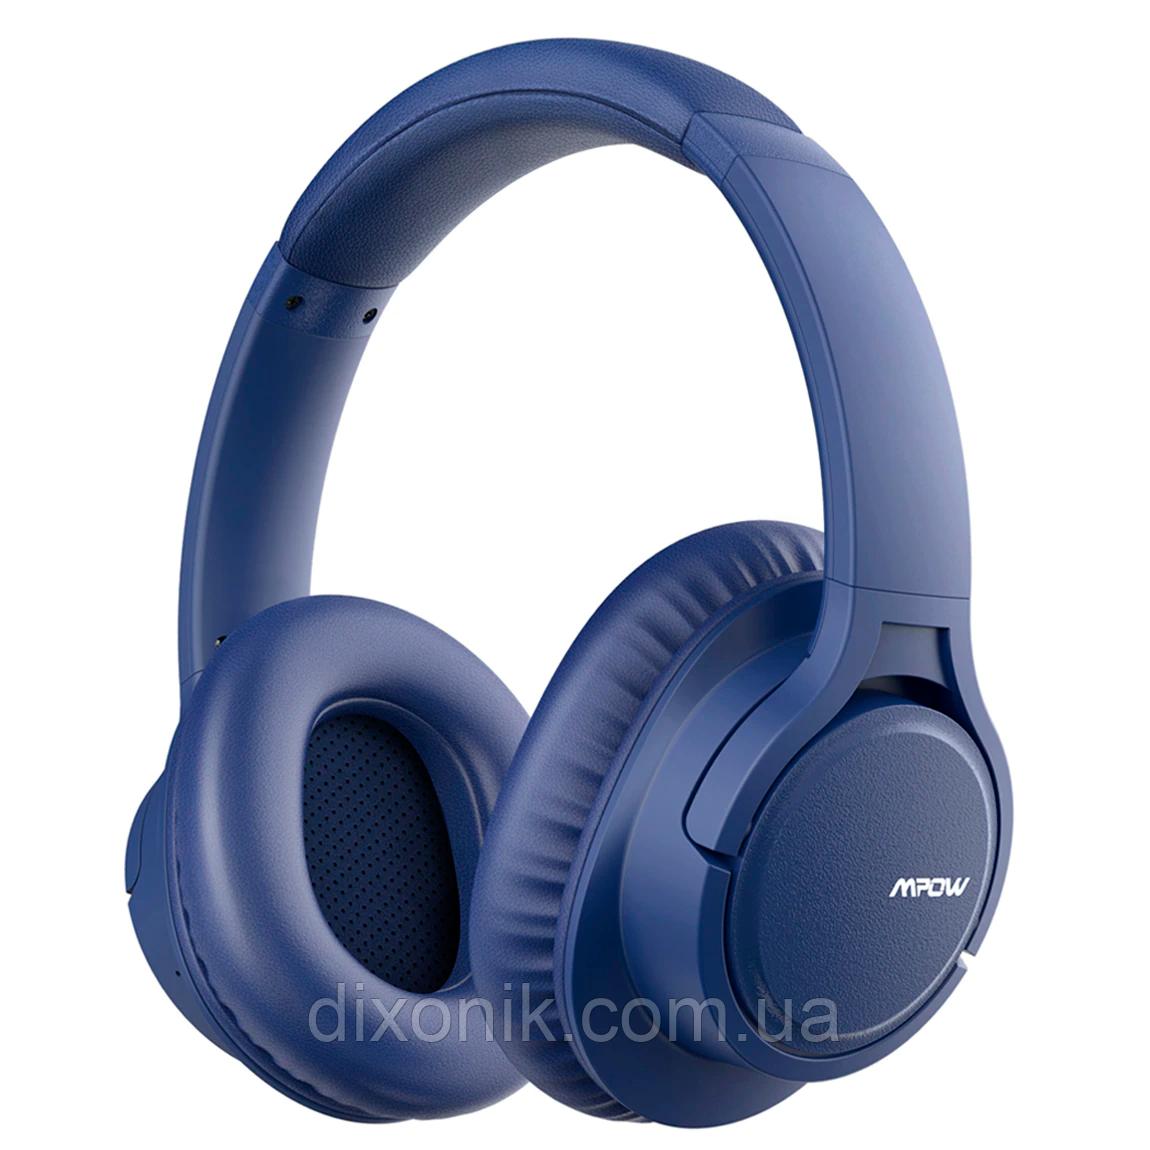 Мощные беспроводные наушники Mpow H7 blue наушники Bluetooth